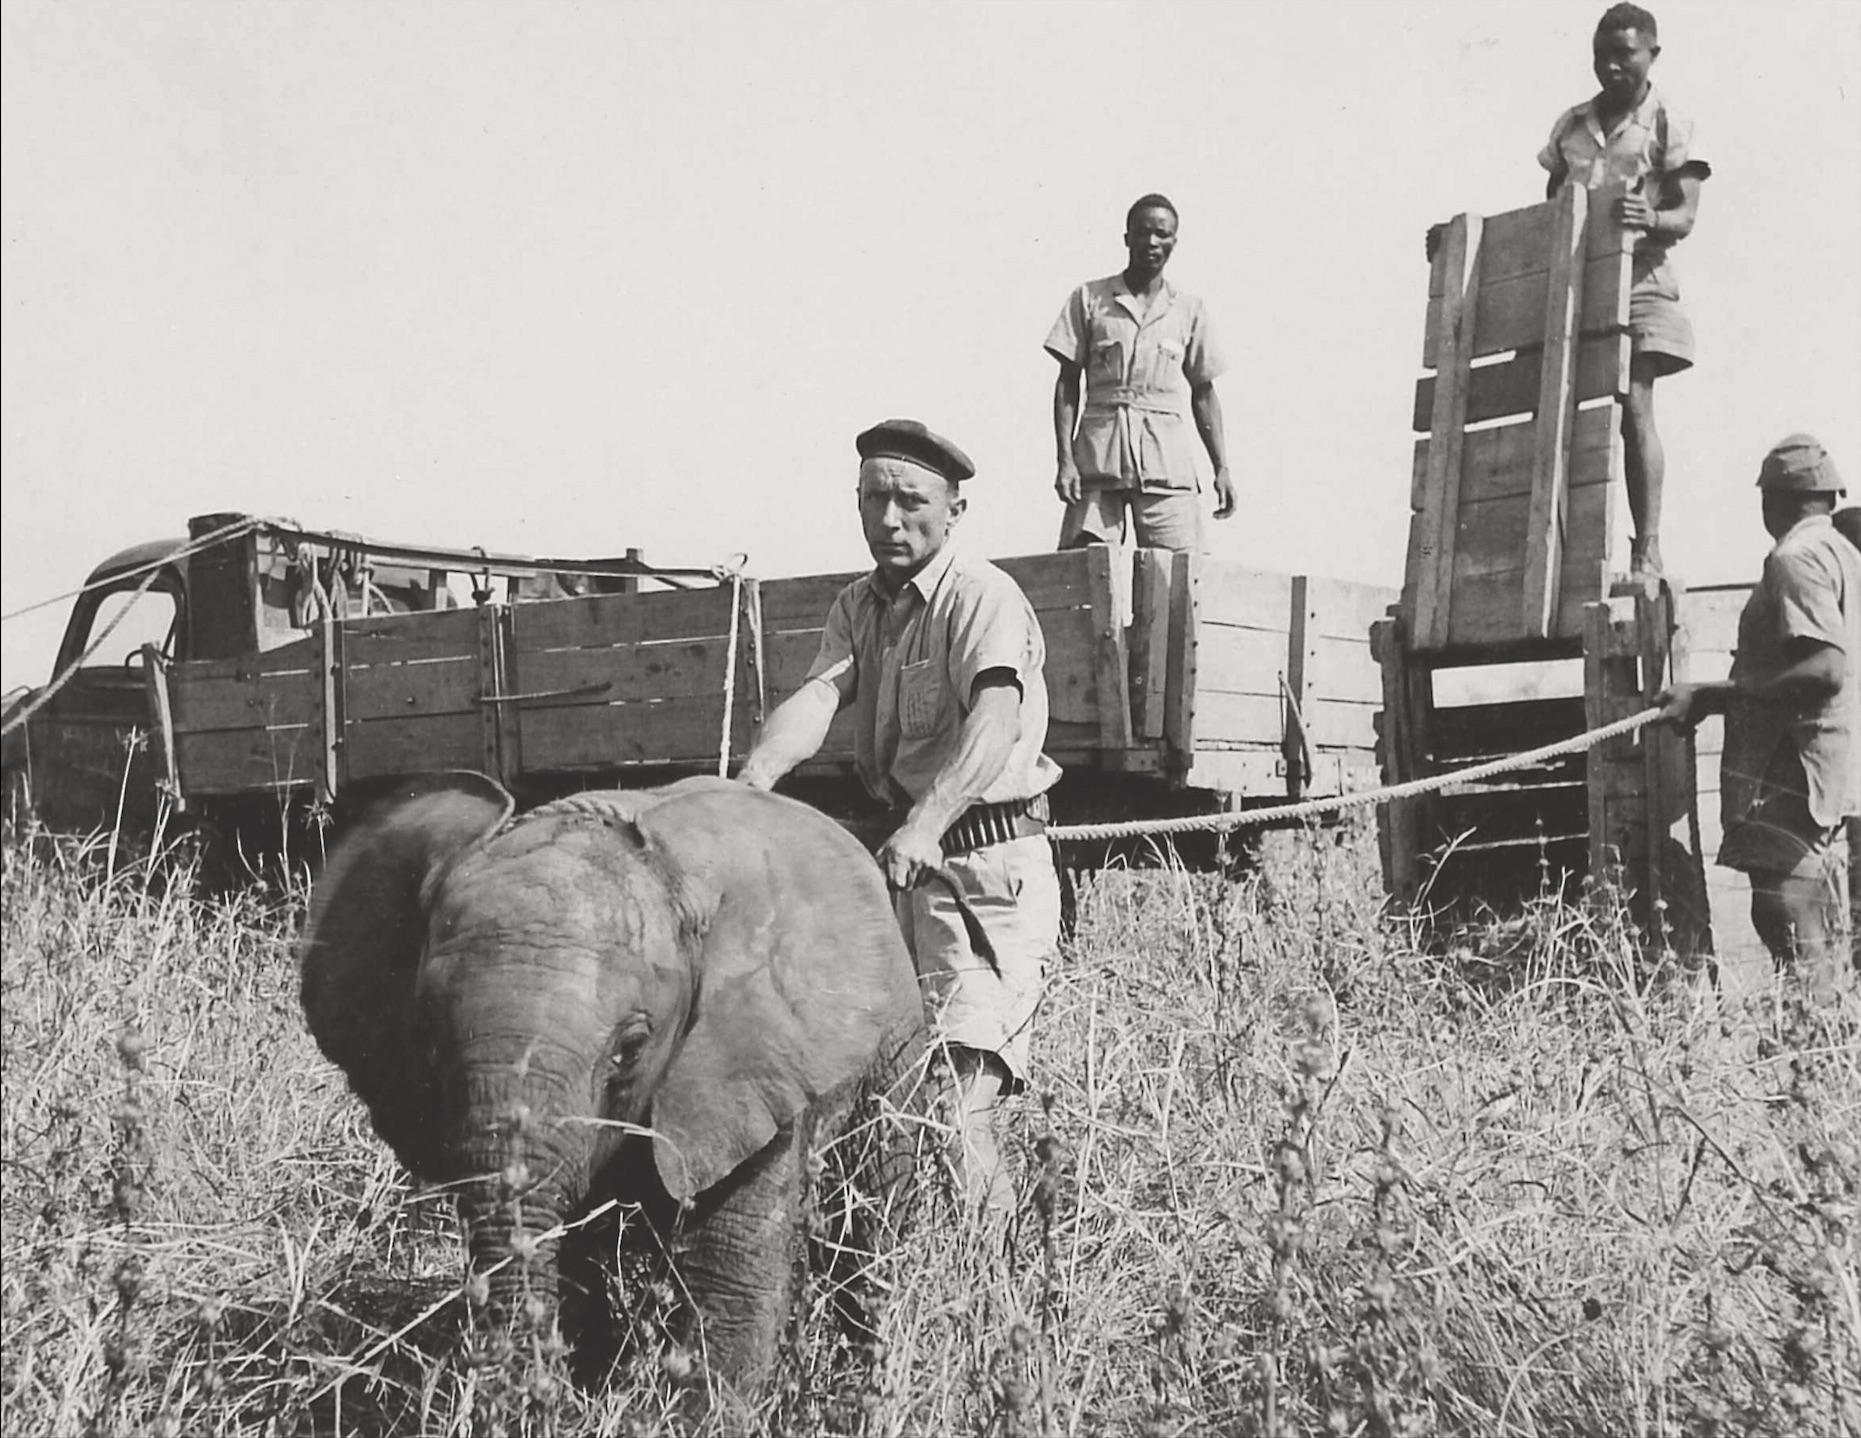 Arduino Pellegrini fängt den jungen Elefanten «Idunda» für den Basler Zoo. Foto: Fritz Ernst, Arusha, Tanzania, 1952, Privatbesitz